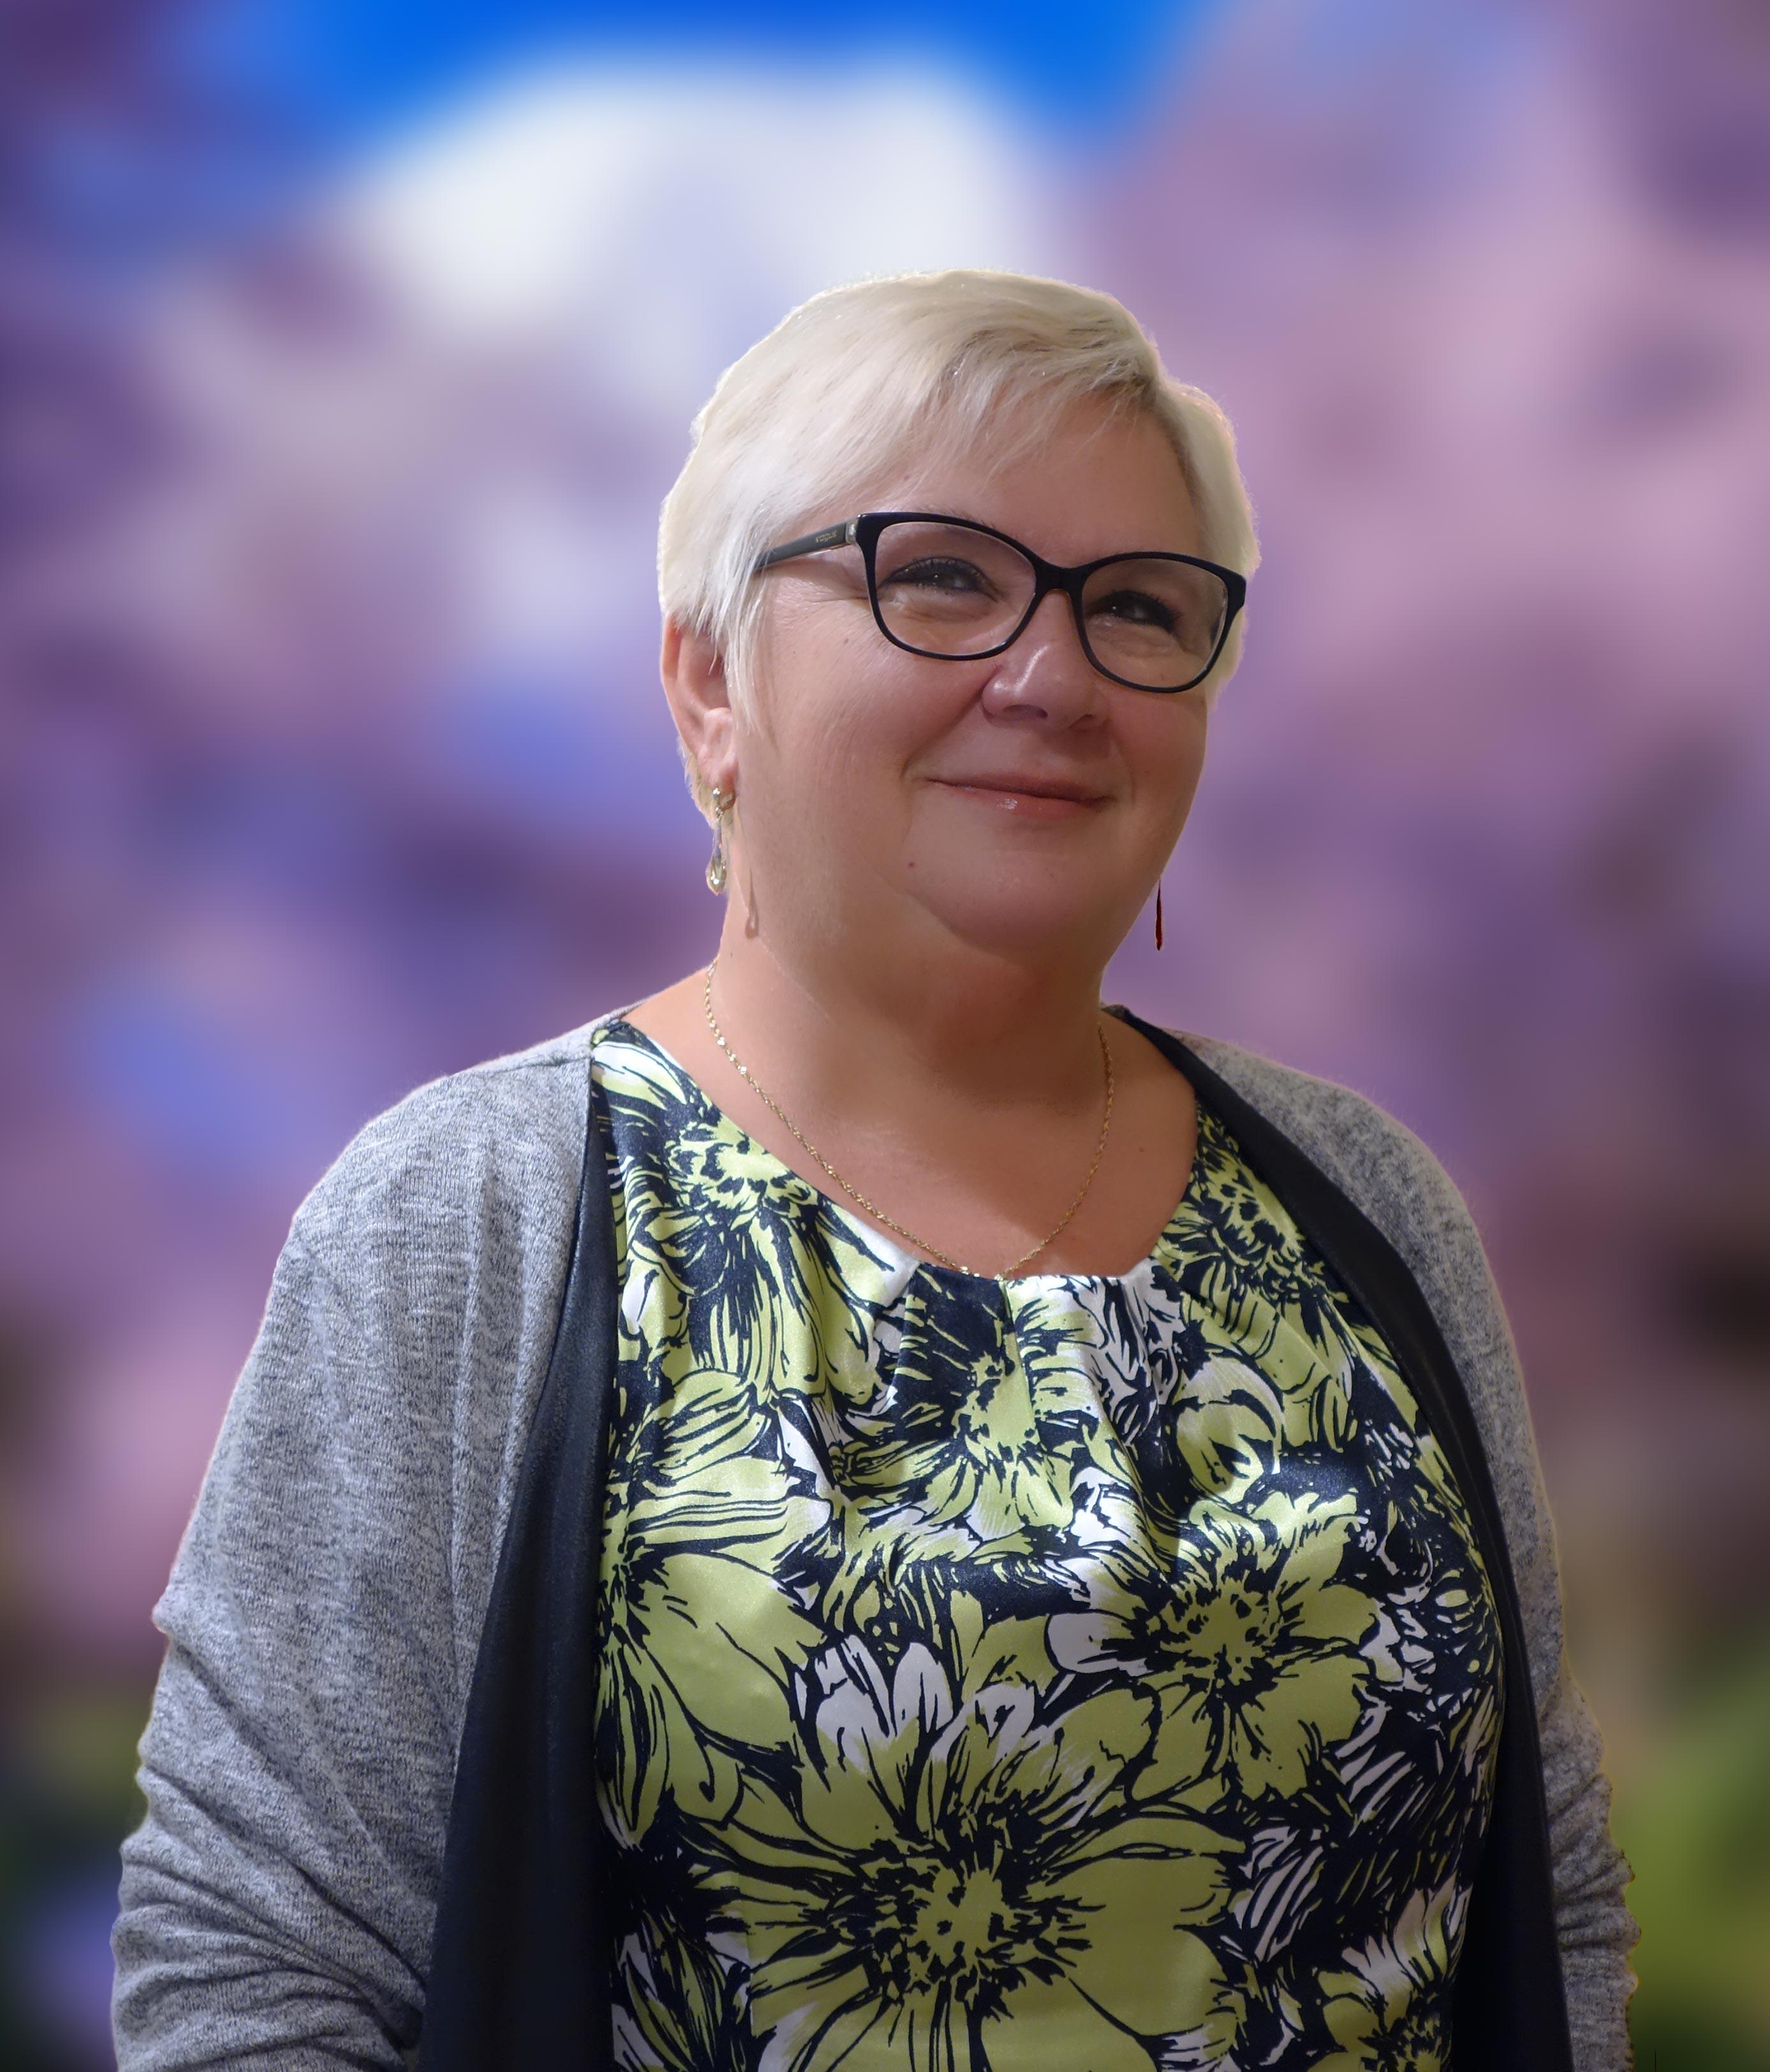 Mariola Morawska